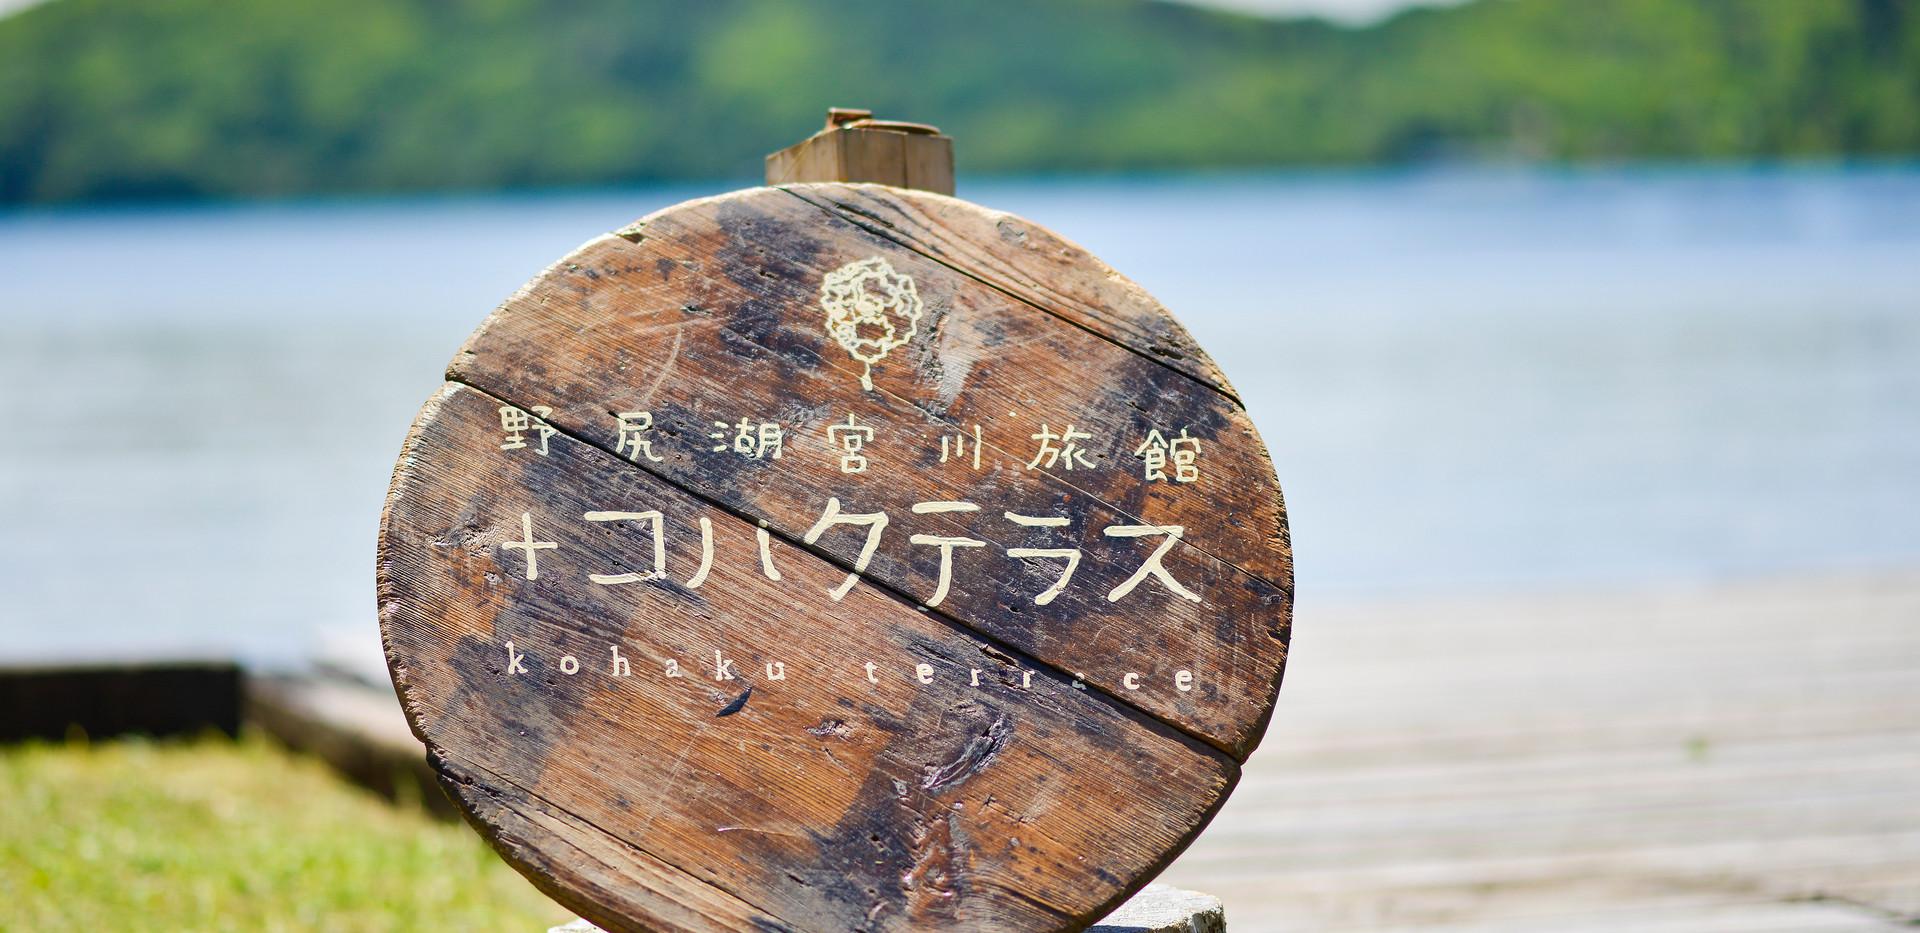 宮川旅館コハクテラス